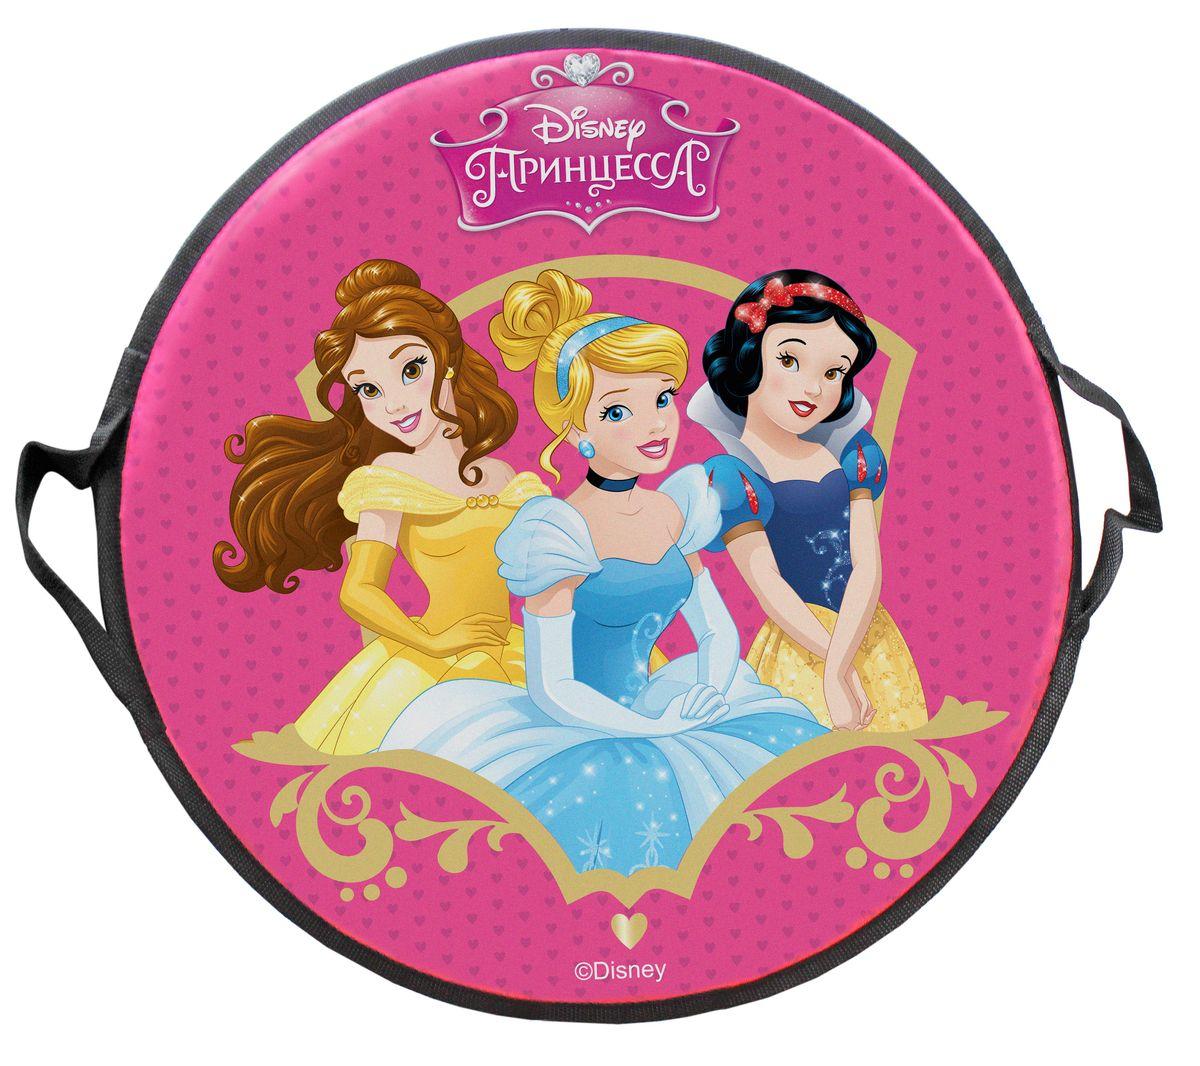 DISNEY Принцесса Ледянка круглая Disney Принцессы 52 смХот ШейперсЛедянка Disney Принцессы станет прекрасным подарком. Изделие предназначено катания с горок и идеально подойдет для девочек. Ледянка развивает на спуске хорошую скорость. Плотные ручки, расположенные по краям изделия помогут не упасть.